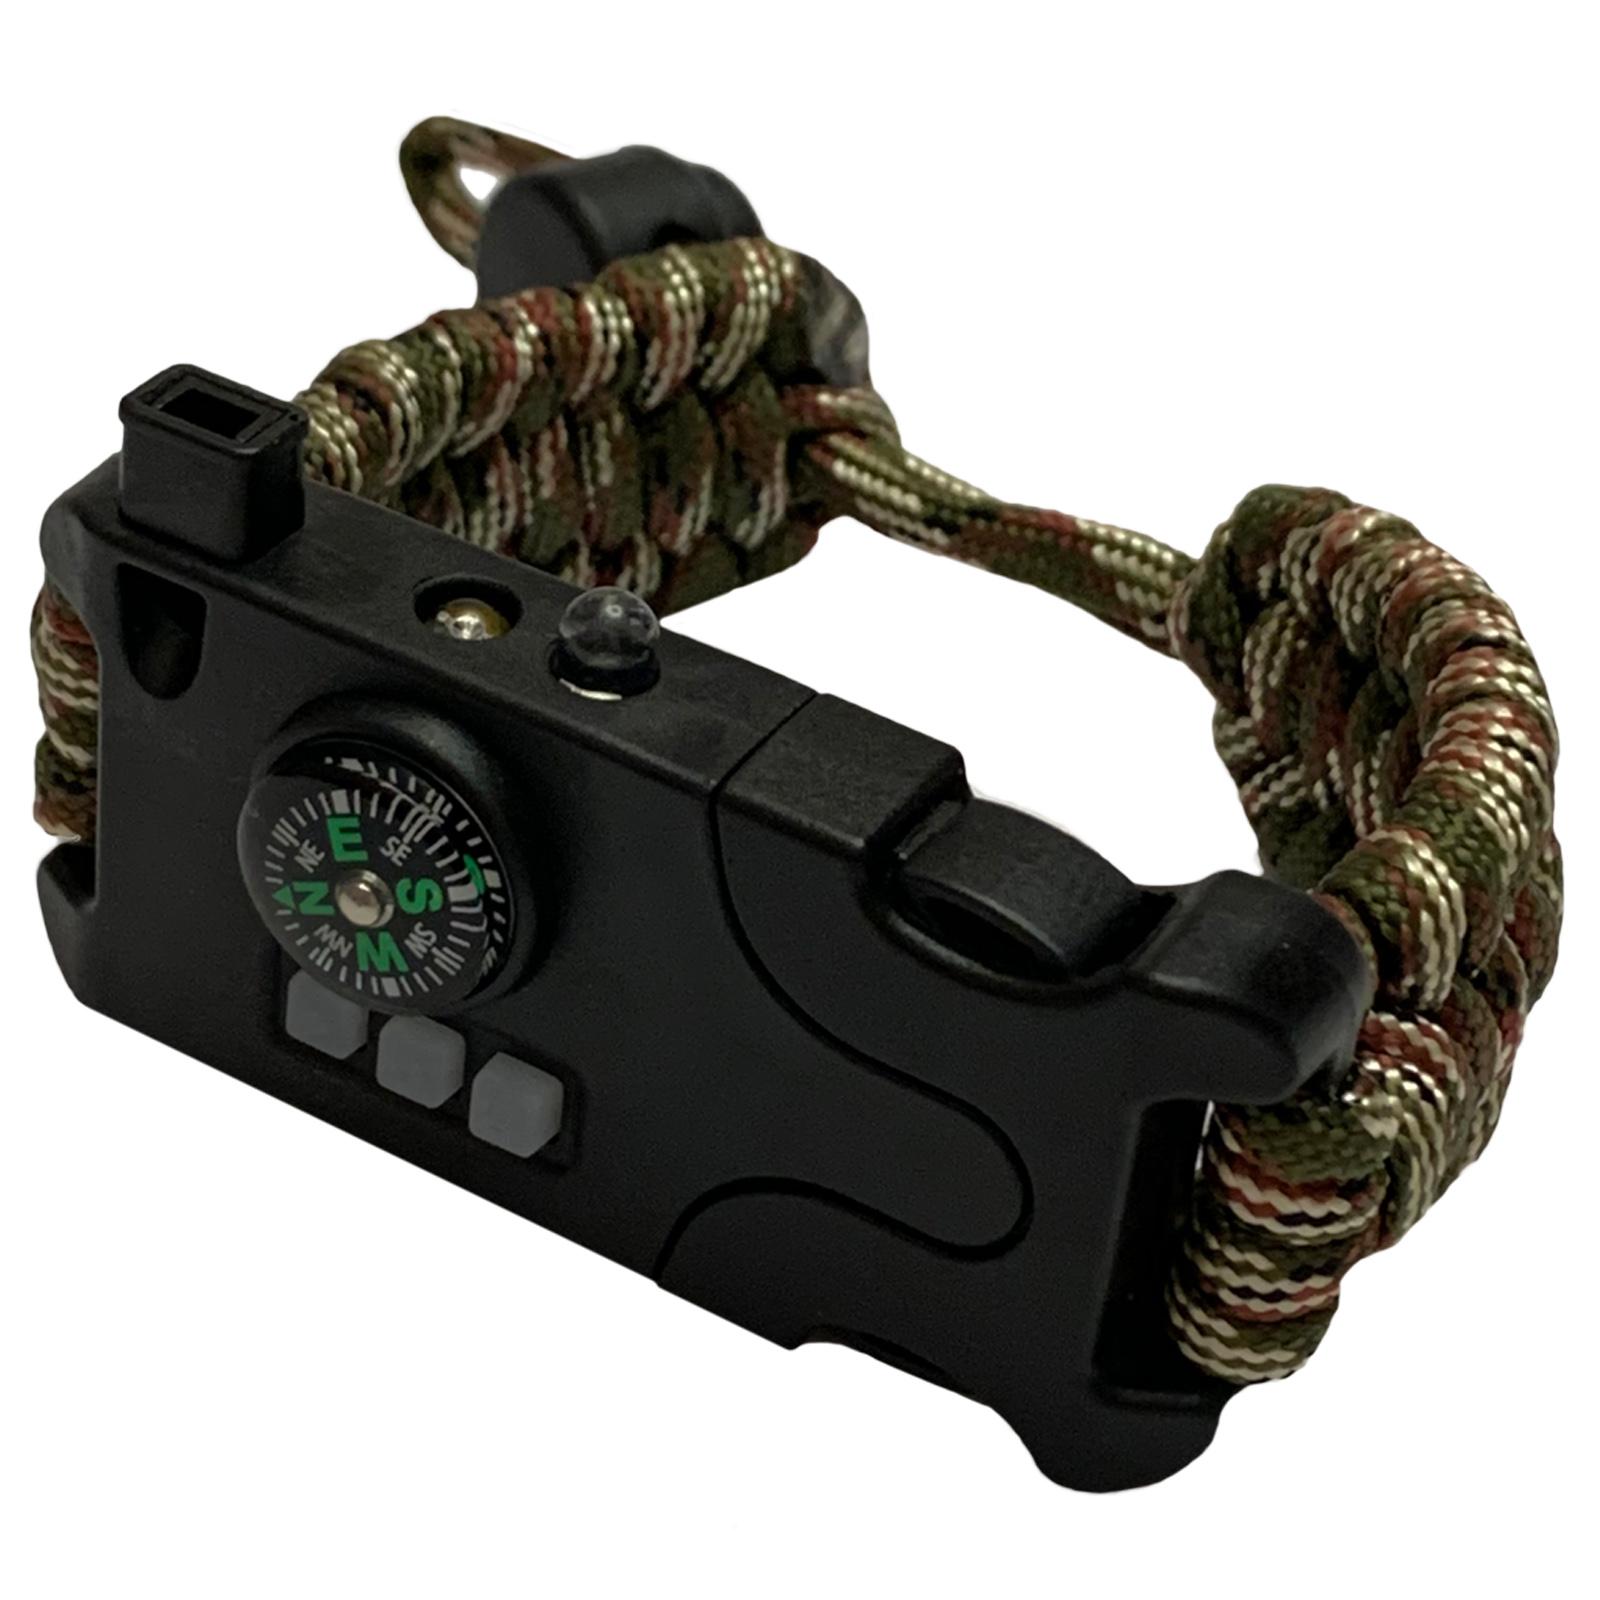 Купить к 23 февраля на подарок мужчине тактический паракордовый браслет